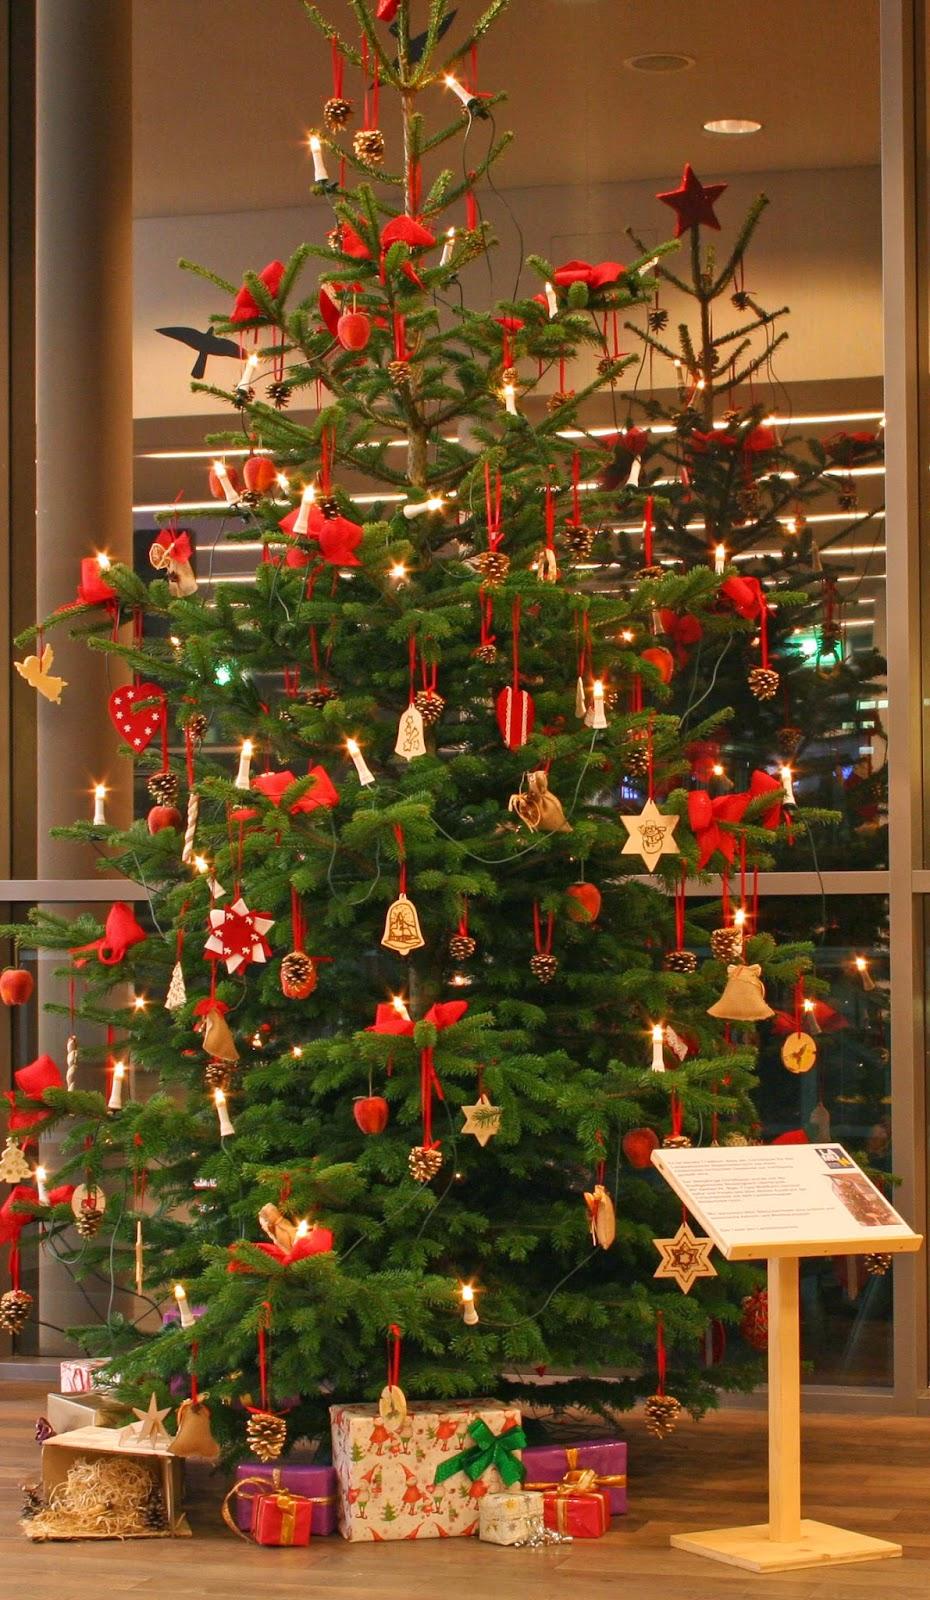 Bader medicus primar 4 22 museum nieder sterreich - Bader weihnachtsdeko ...